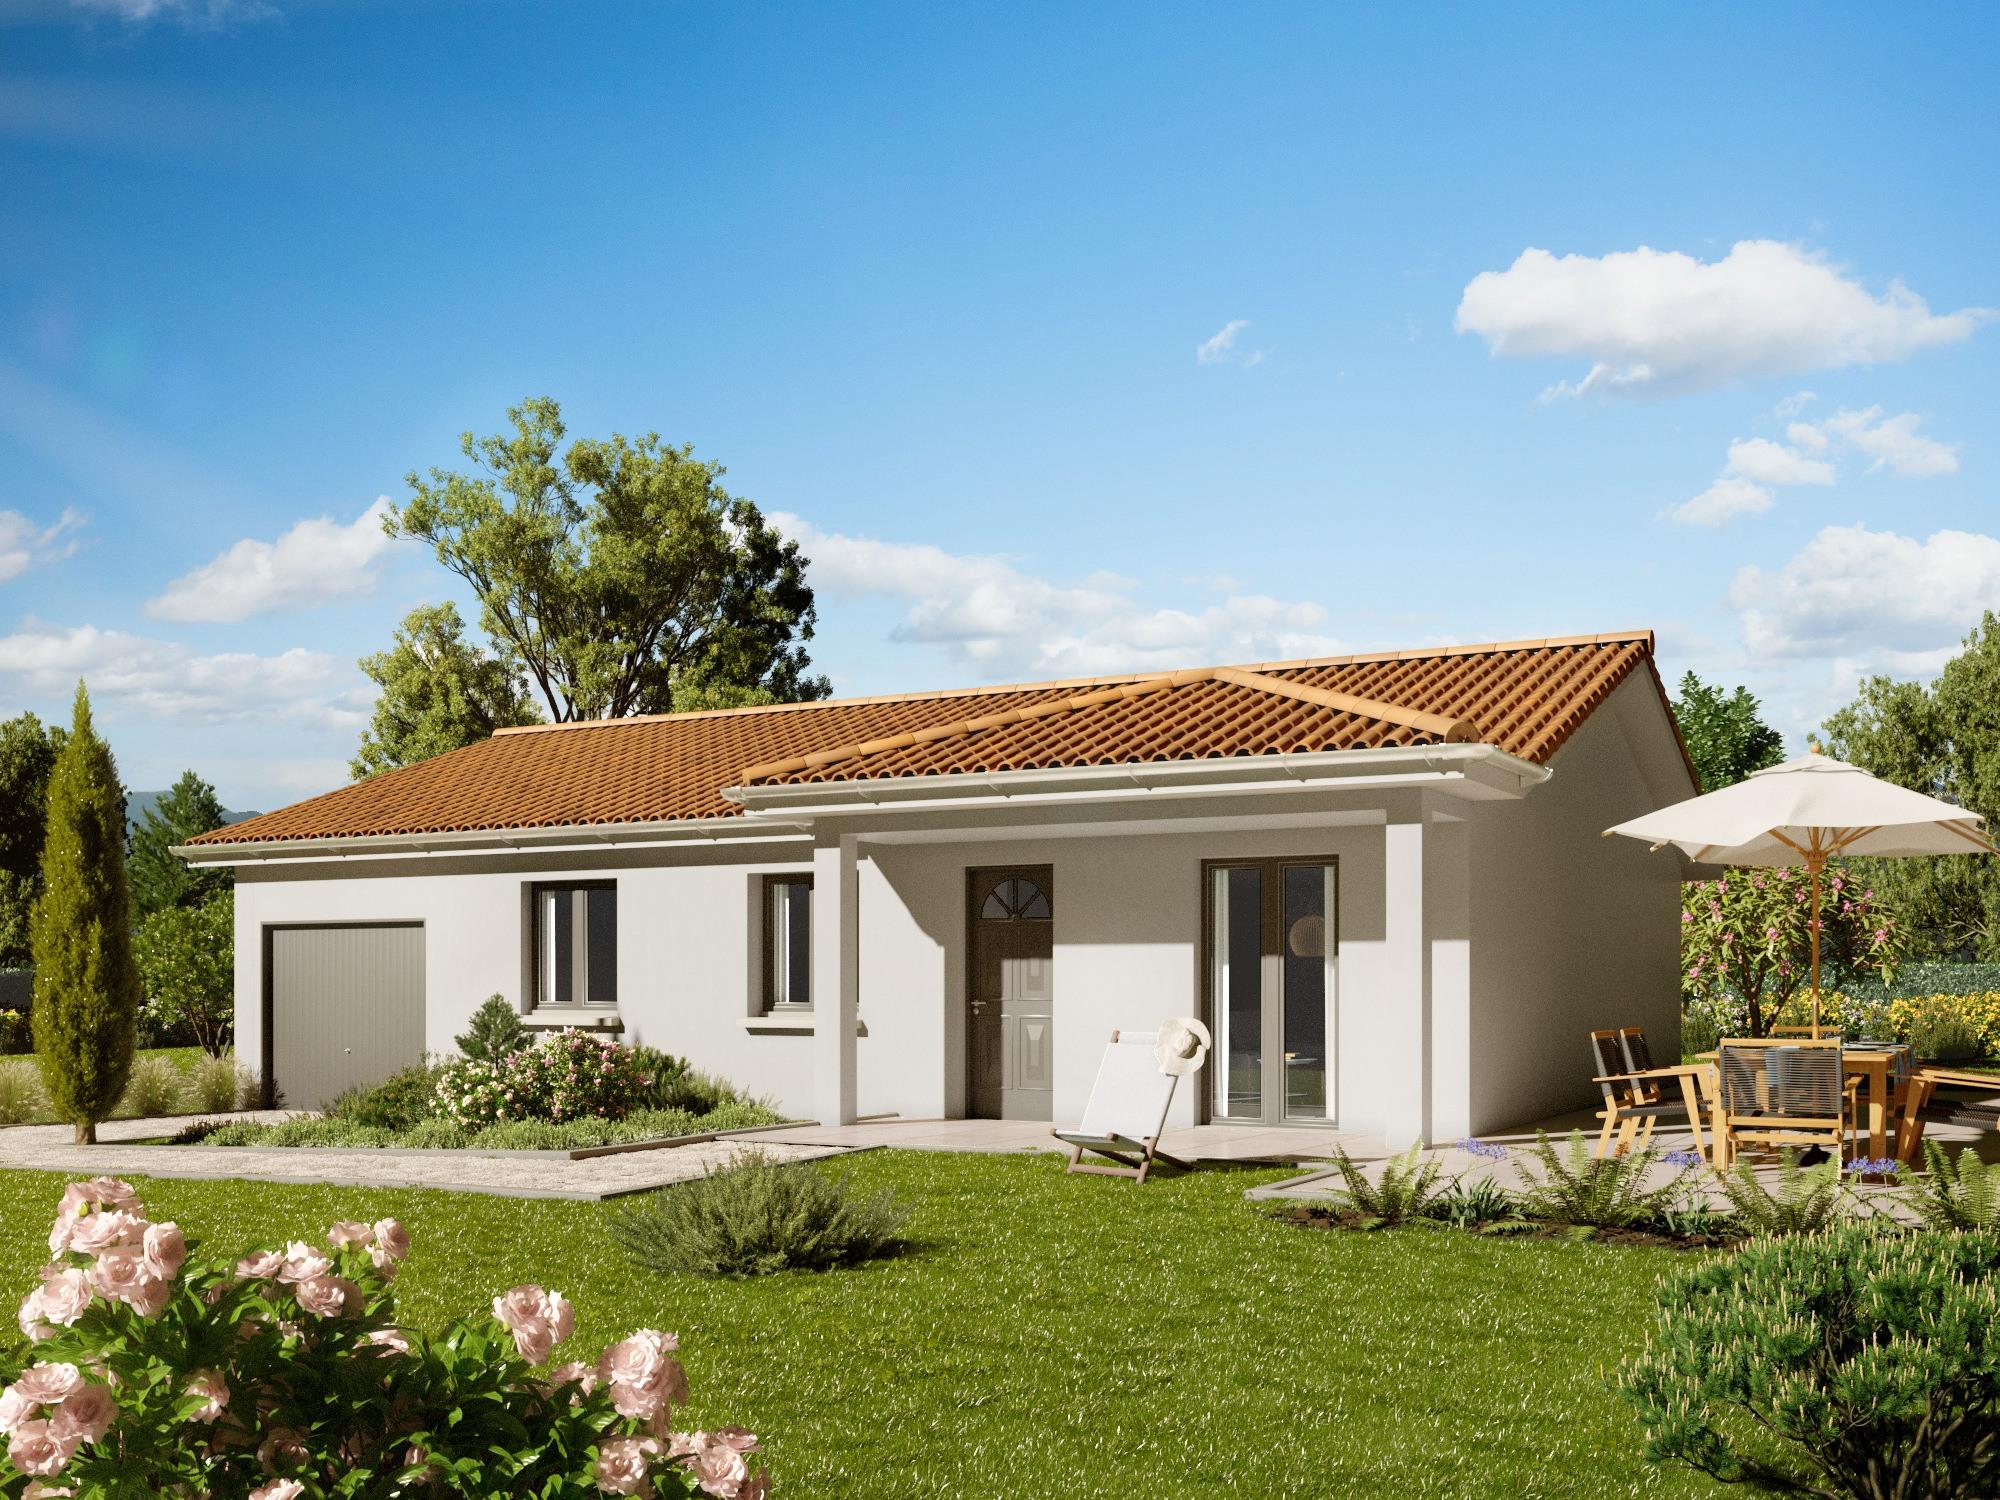 Maisons + Terrains du constructeur MAISONS PUNCH ST ETIENNE • 100 m² • CHALAIN D'UZORE